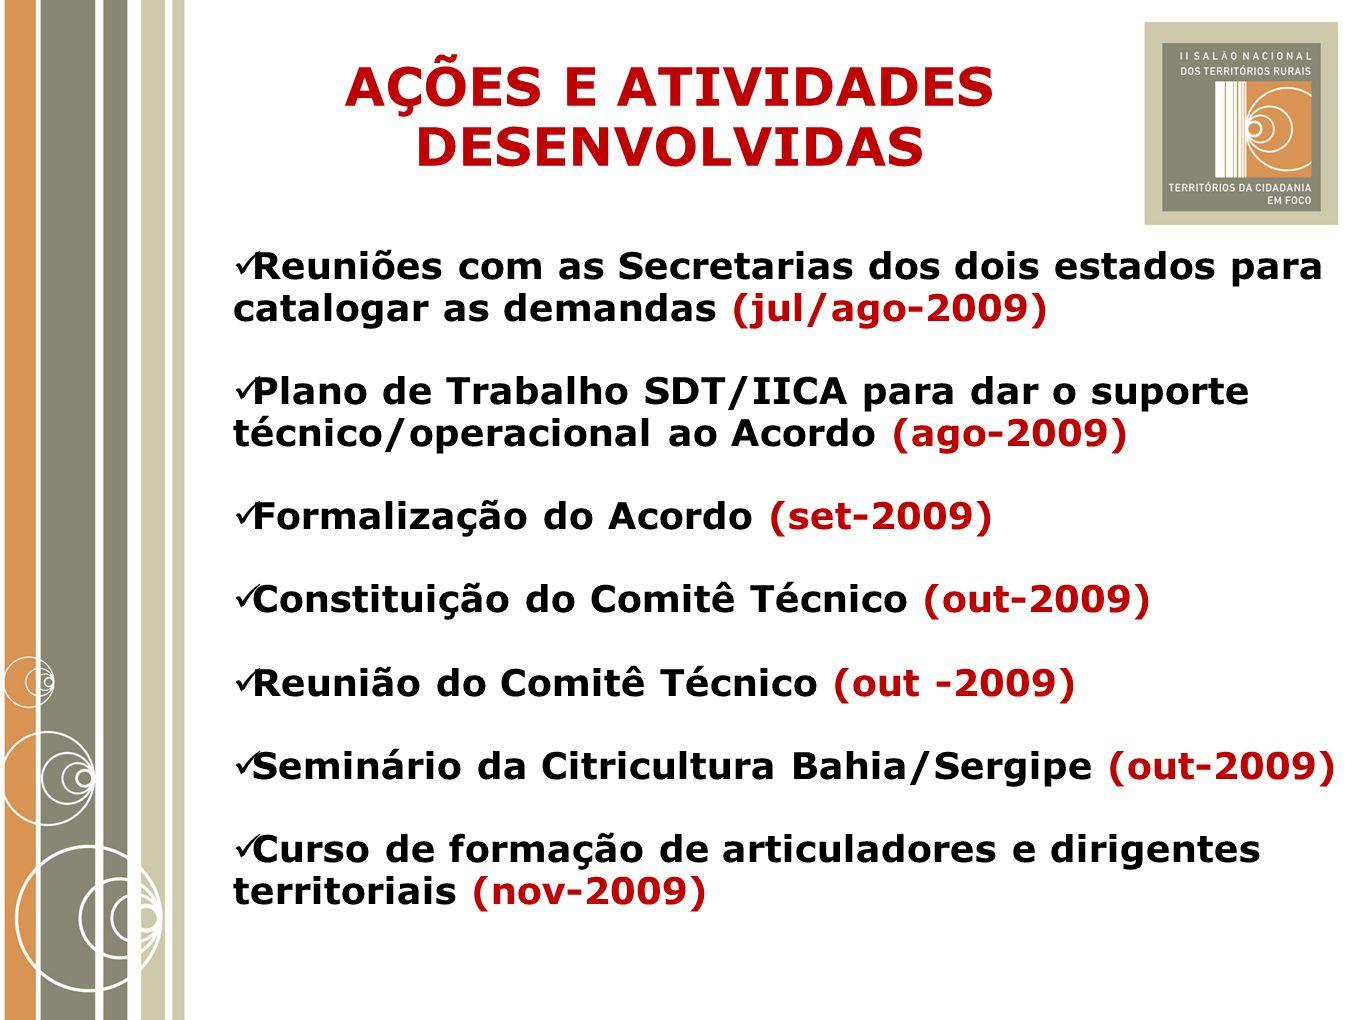 AÇÕES E ATIVIDADES DESENVOLVIDAS Reuniões com as Secretarias dos dois estados para catalogar as demandas (jul/ago-2009) Plano de Trabalho SDT/IICA par